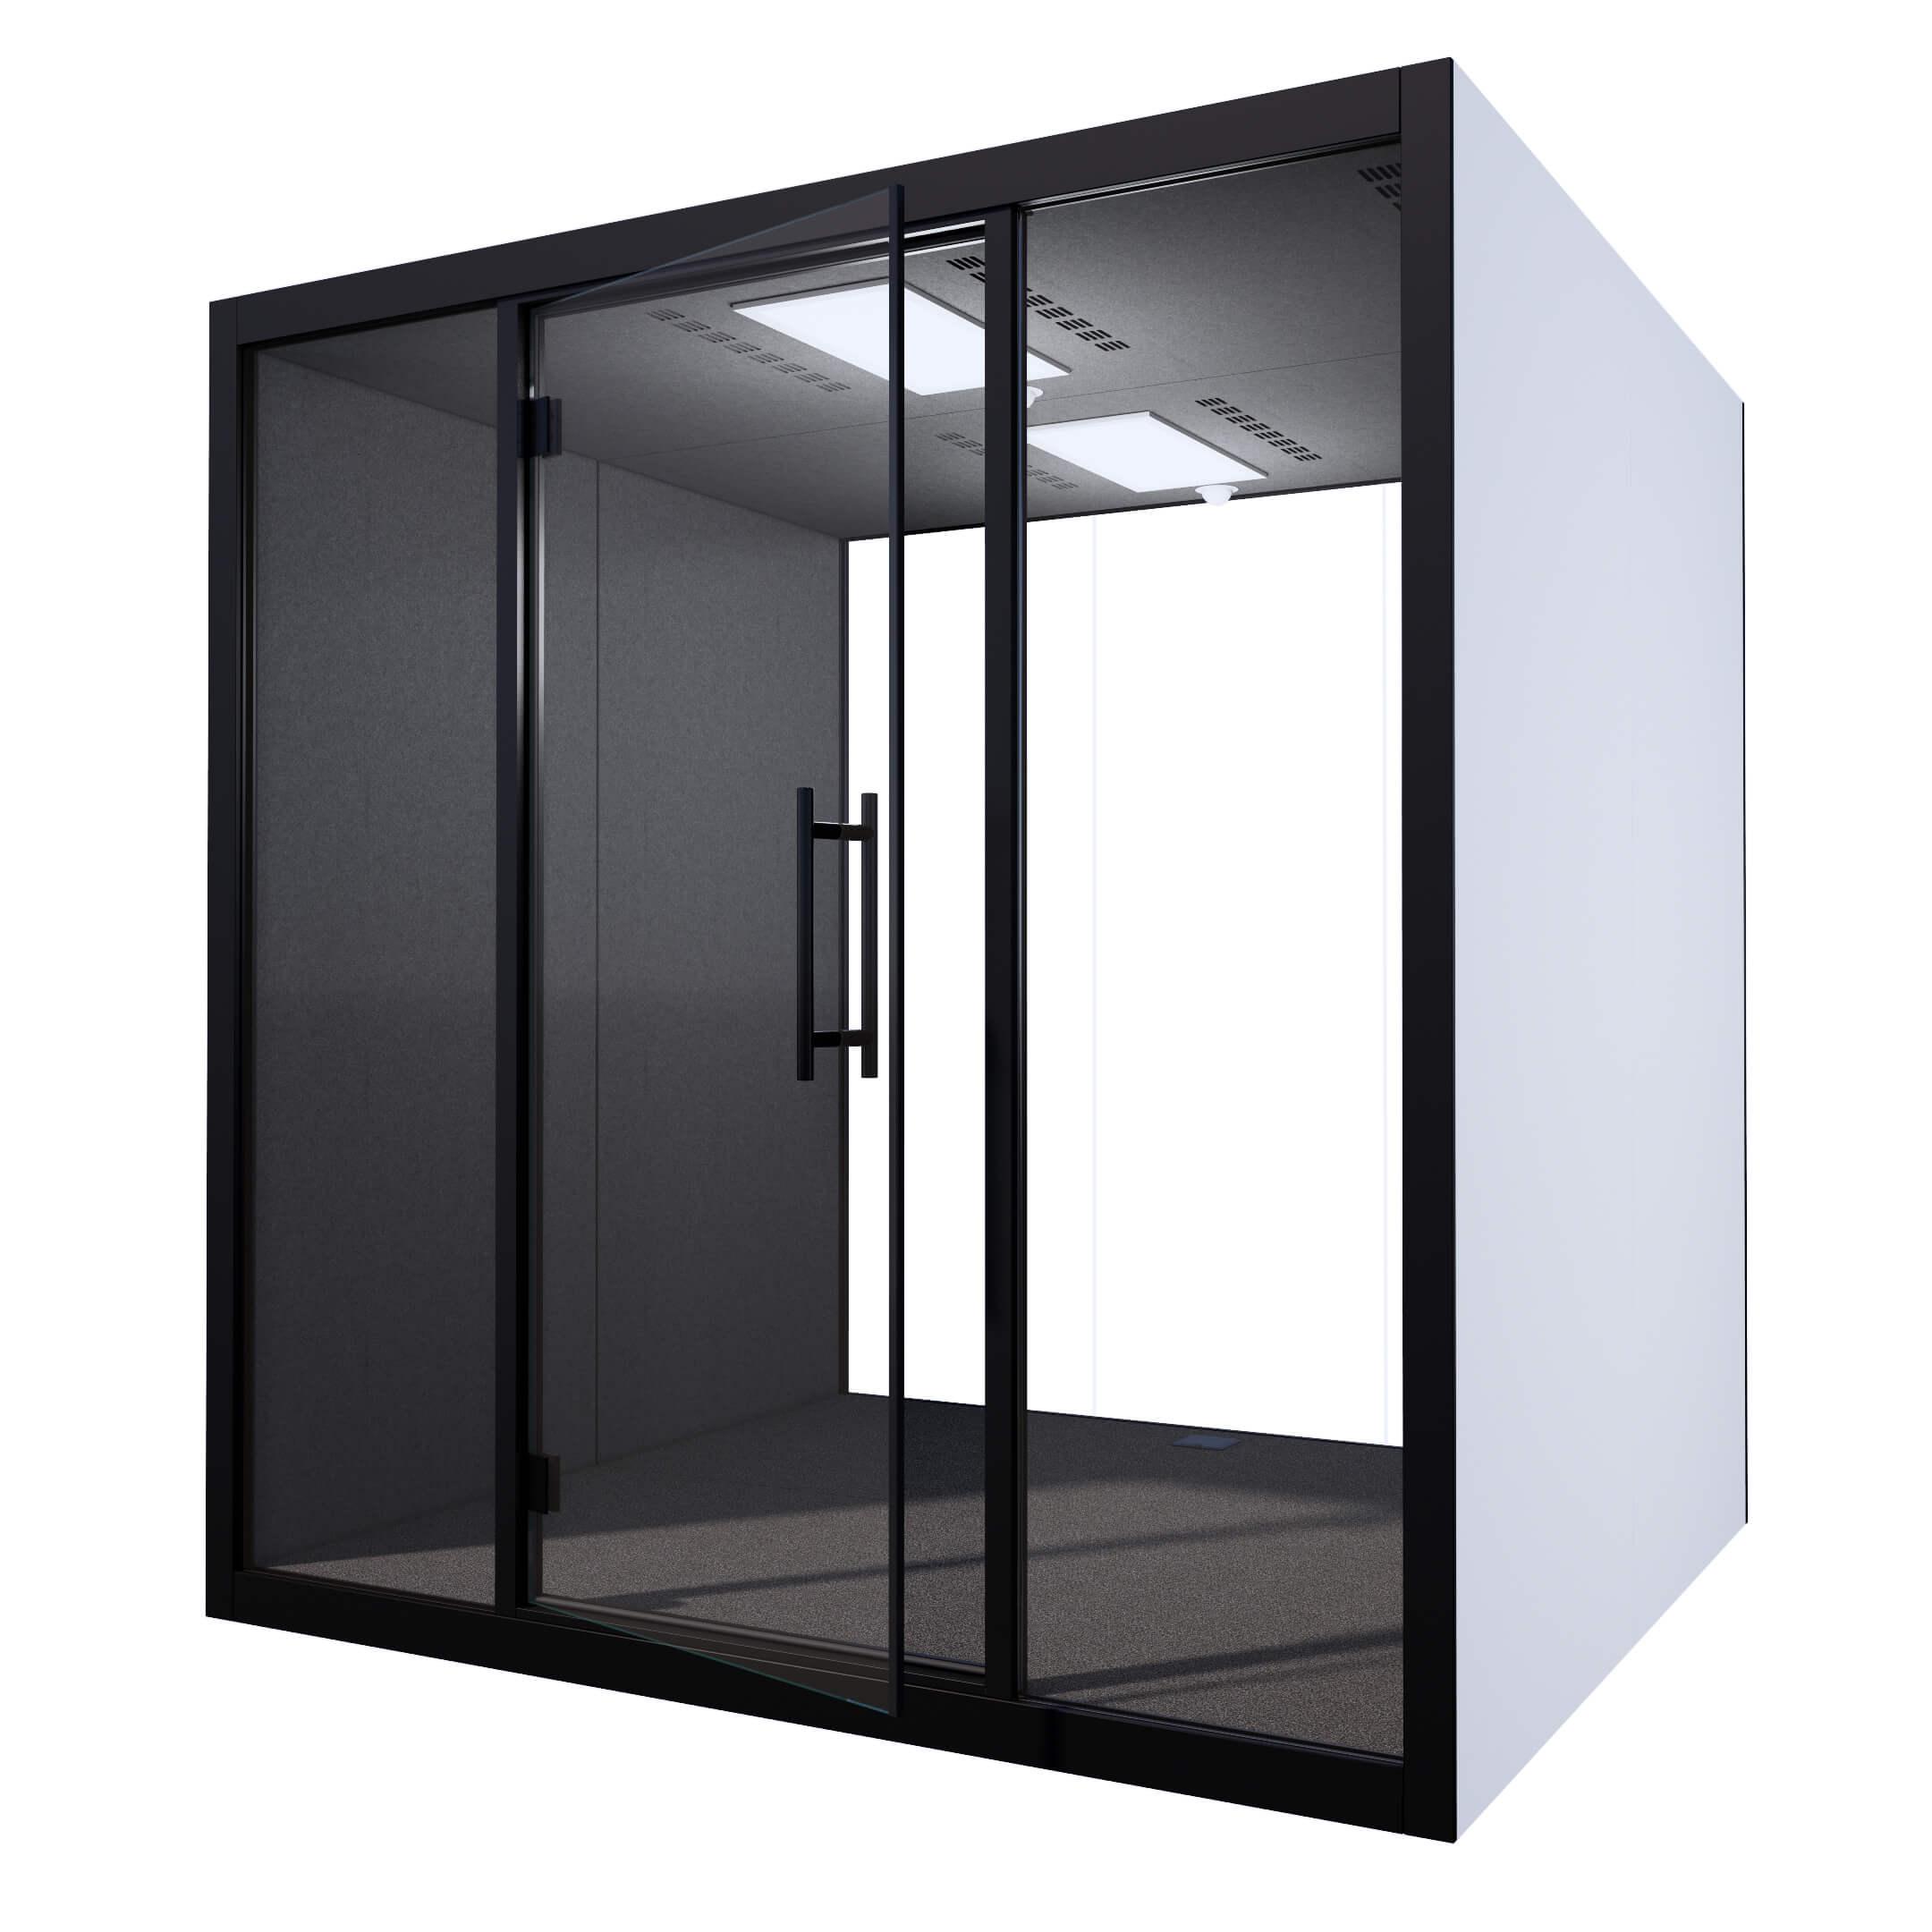 CHATBOX QUATTRO-OPEN DOOR